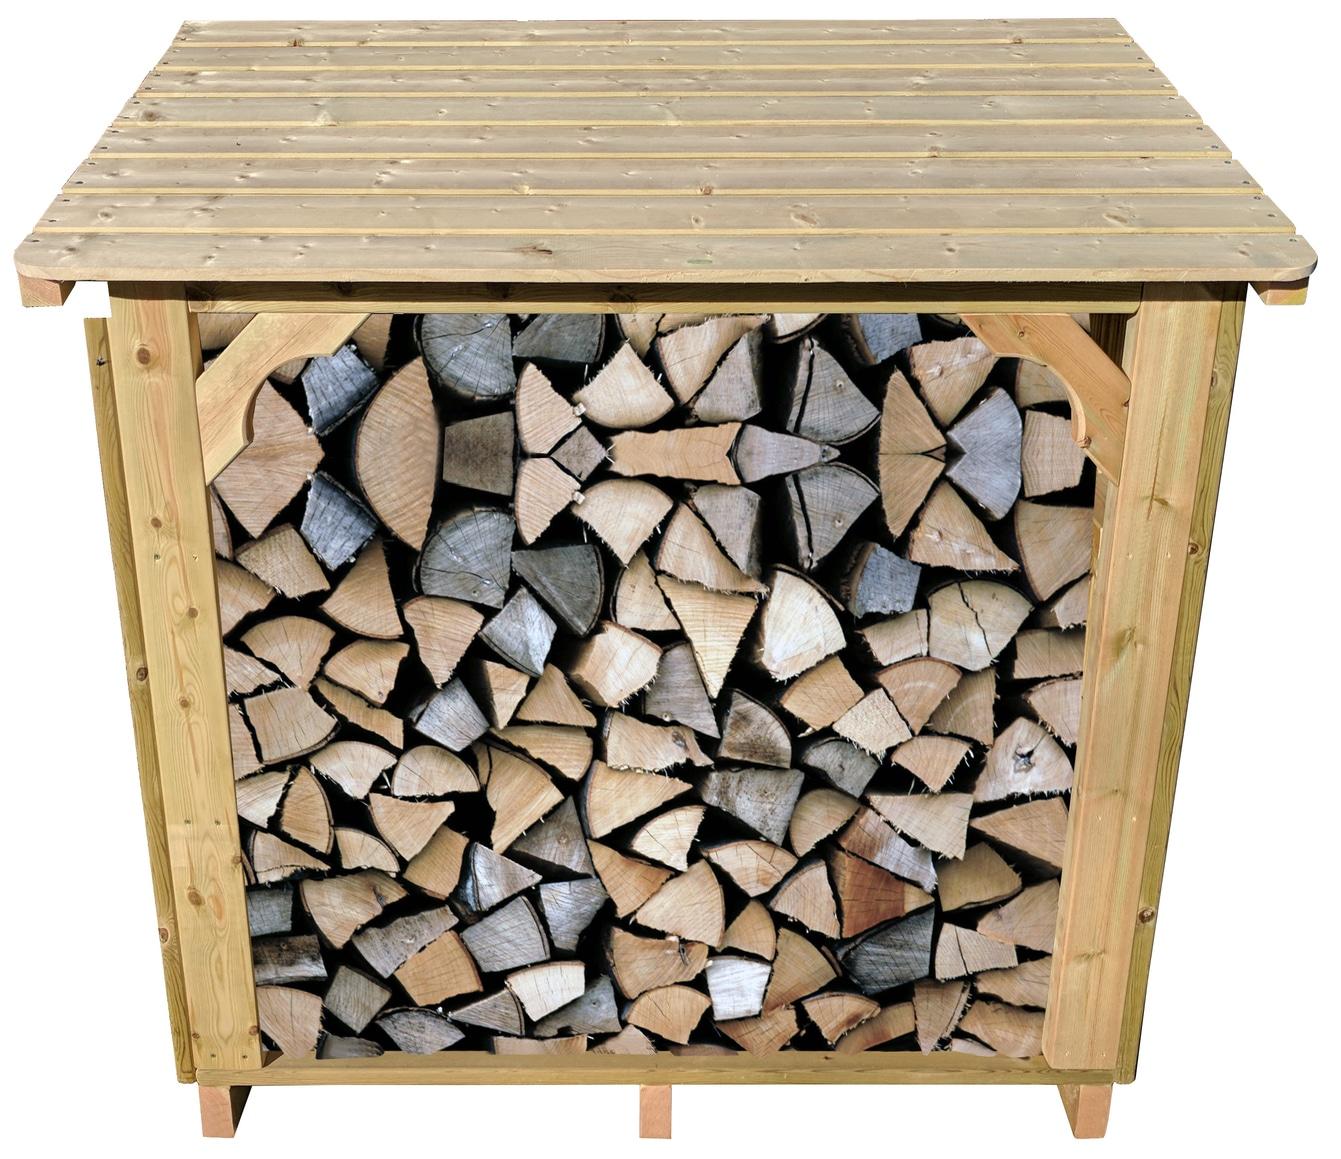 La tienda de troncos Ashmore llena de troncos